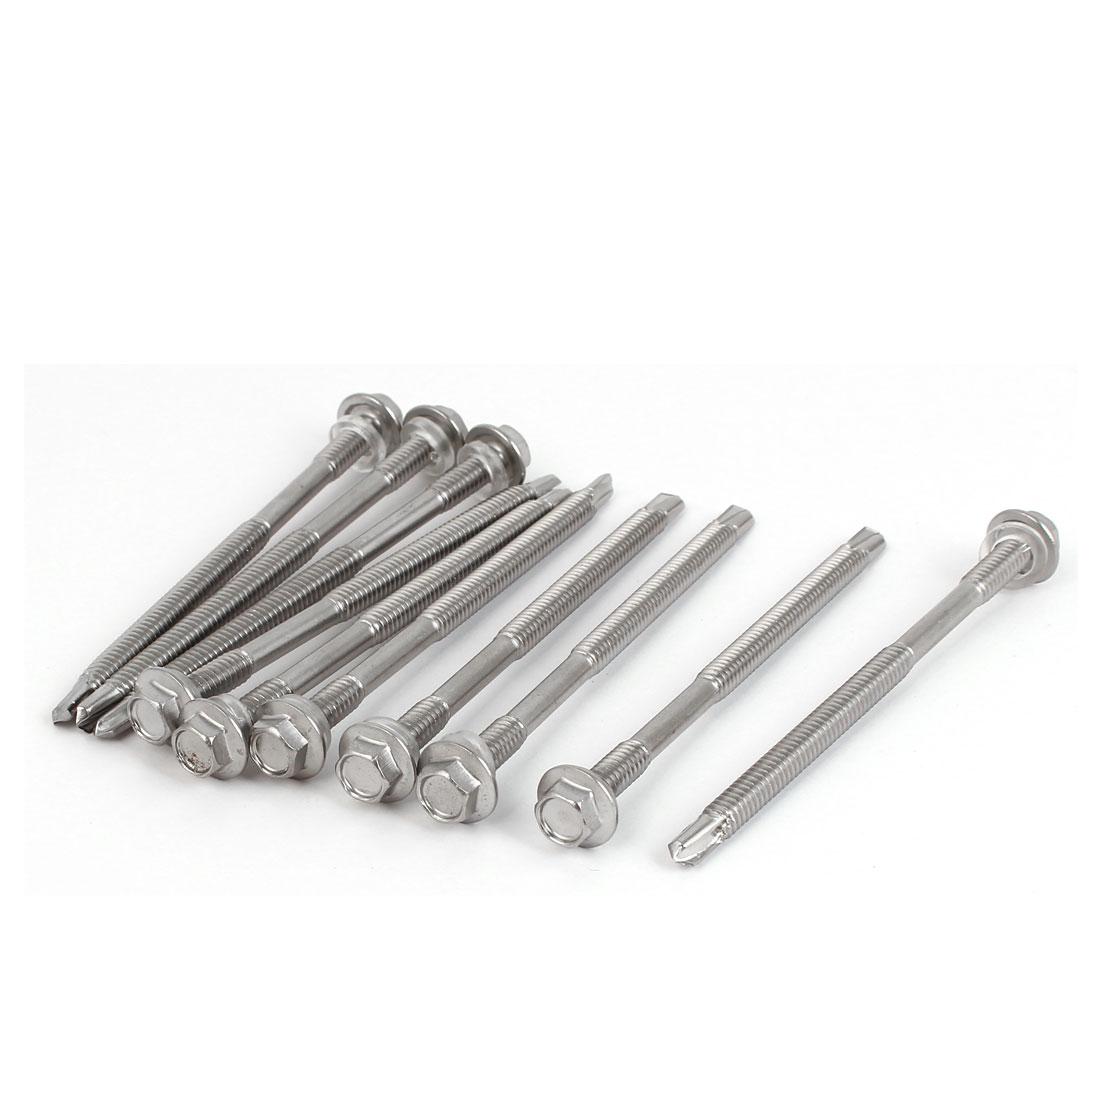 M5.5 x 90mm #12-14 Male Thread Hex Head Self Drilling Tek Screws w Washer 10 Pcs